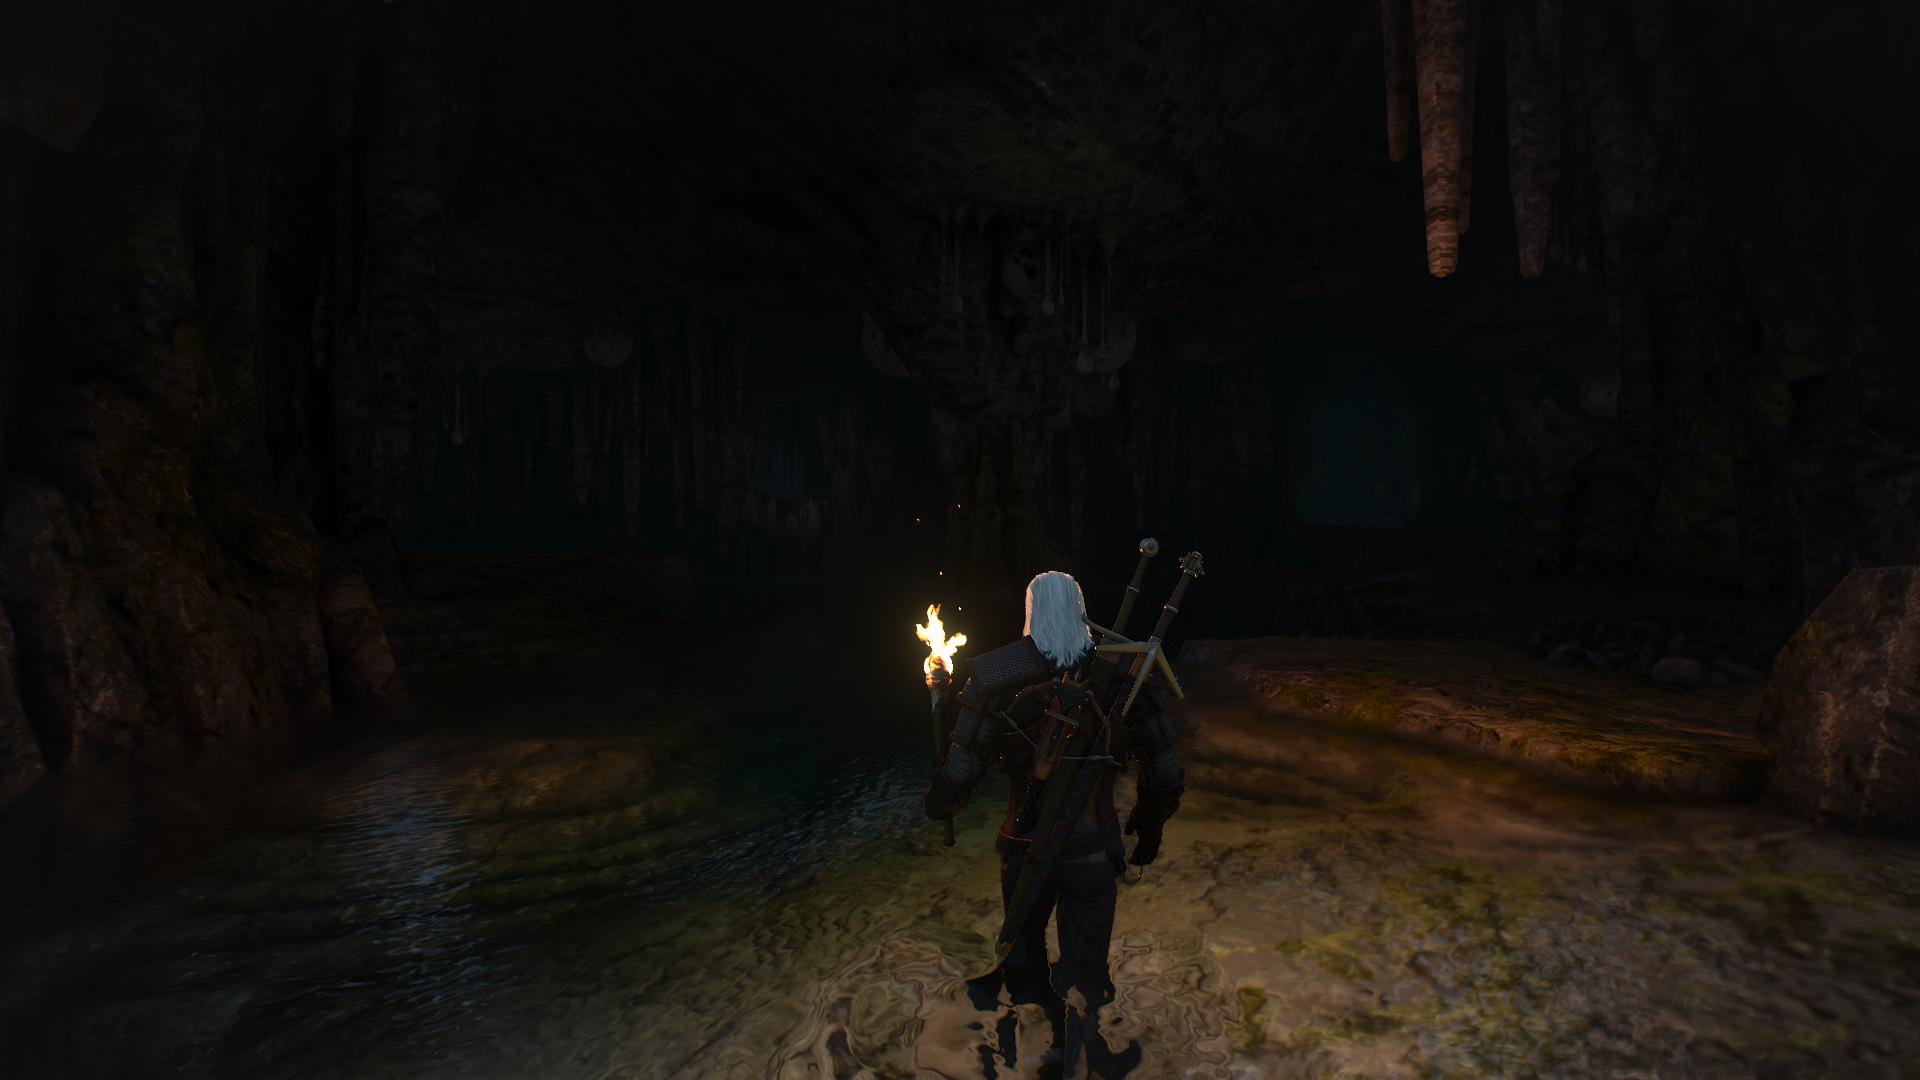 Пещера - Witcher 3: Wild Hunt, the